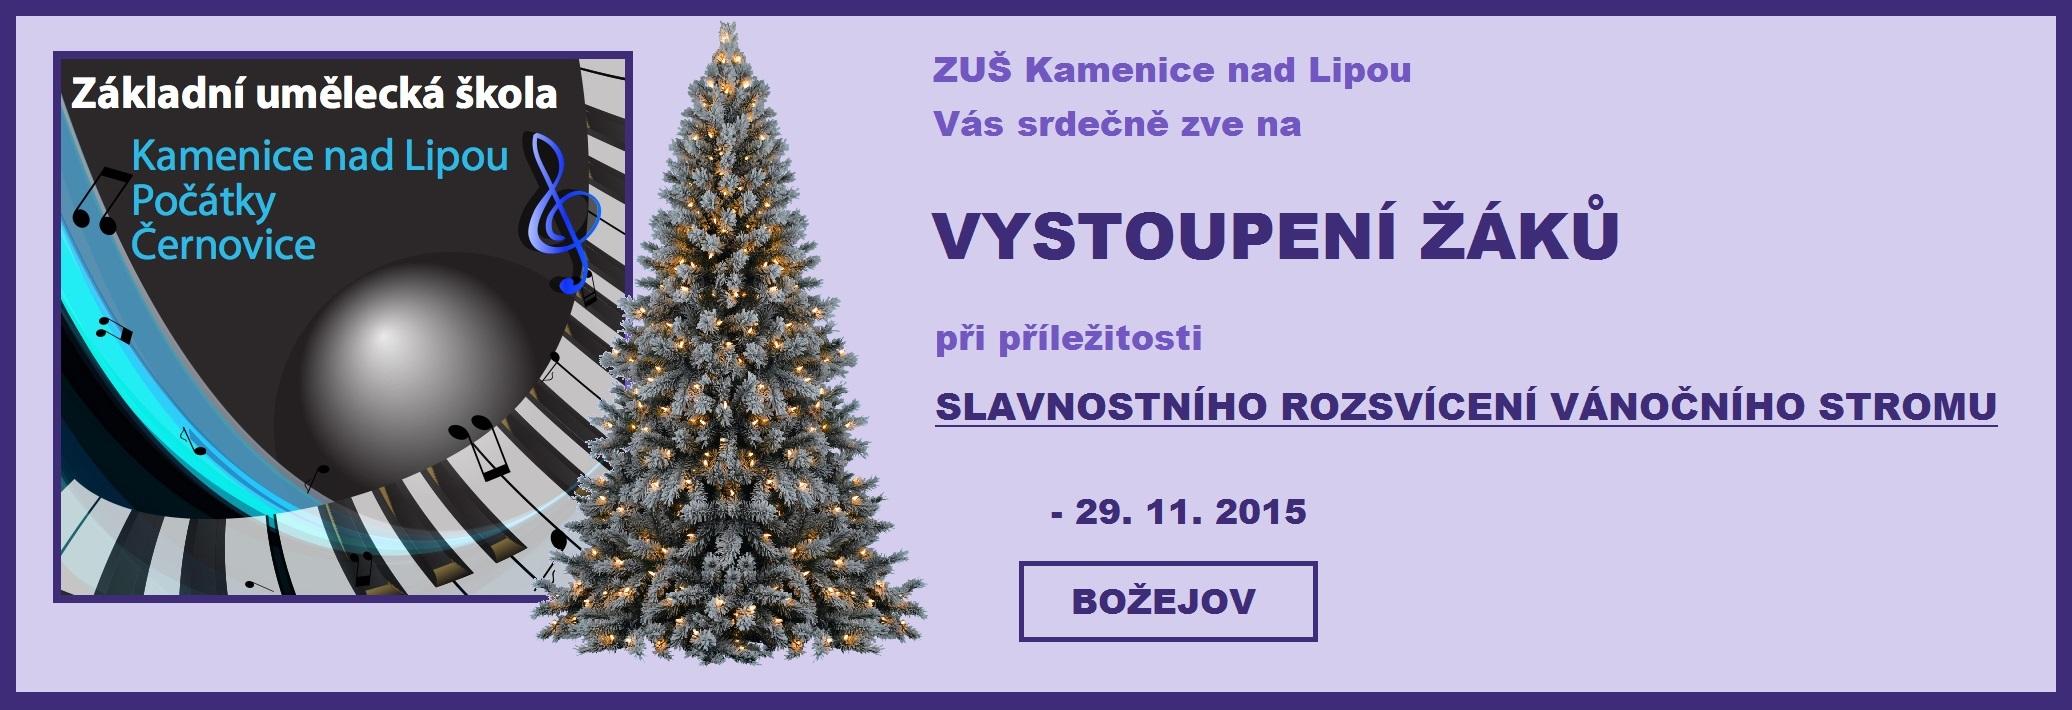 29. 11. 2015 - ROZSVÍCENÍ VÁNOČNÍHO STROMU - BOŽEJOV